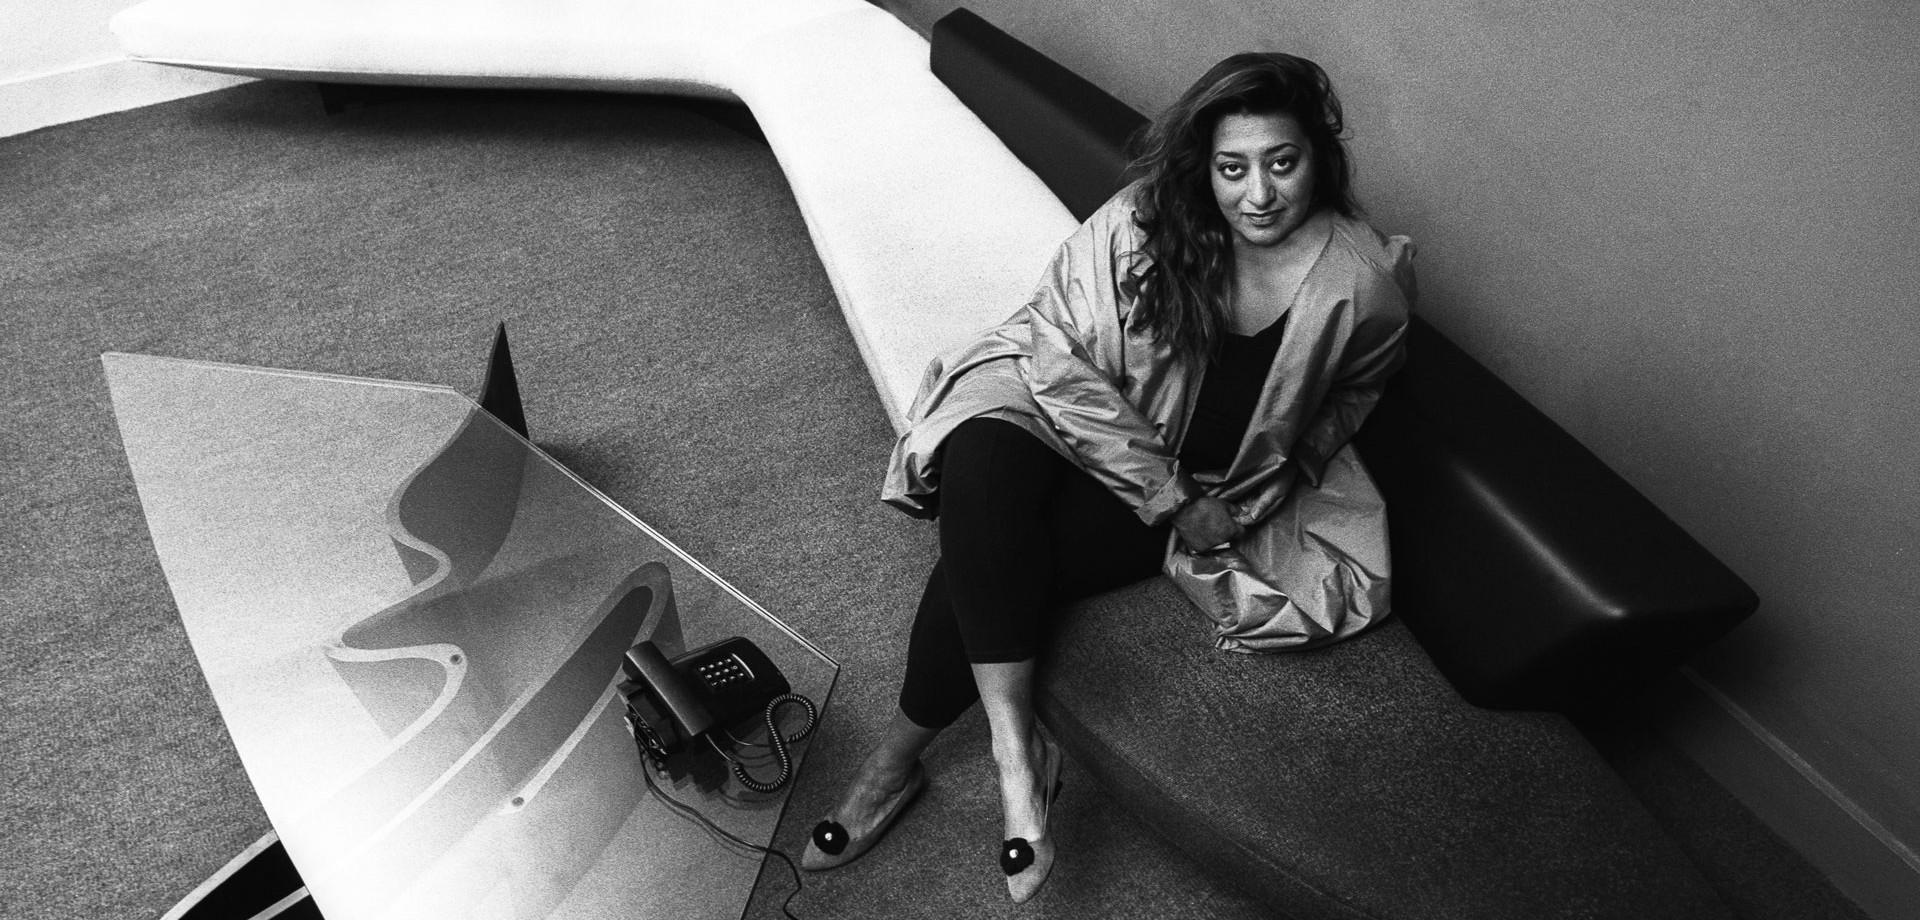 Ζάχα Χαντίντ  η αρχιτέκτονας της πρόκλησης - Μια έκθεση στο μουσείο ... edd57e3e8b7